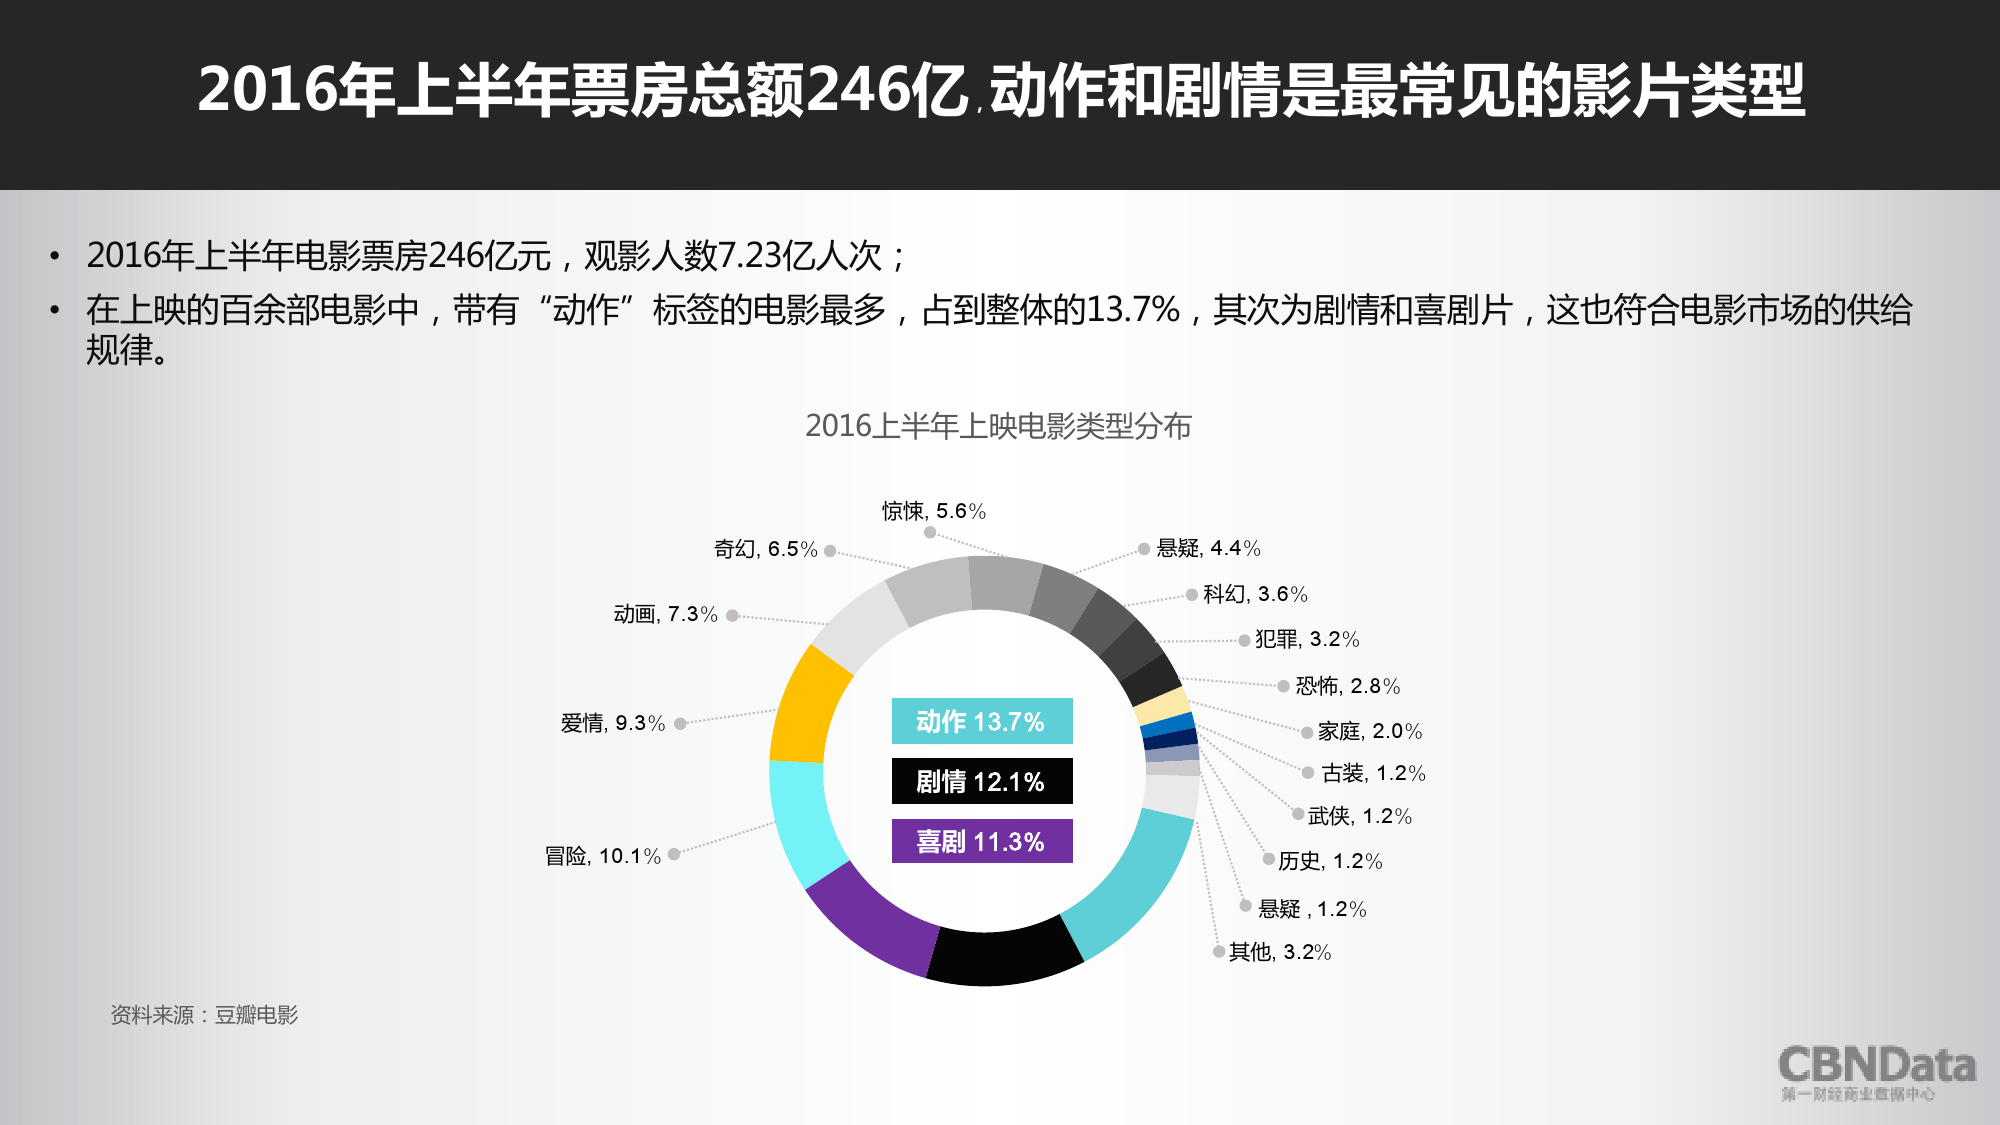 2016上半年中国在线票务平台大数据报告_000037